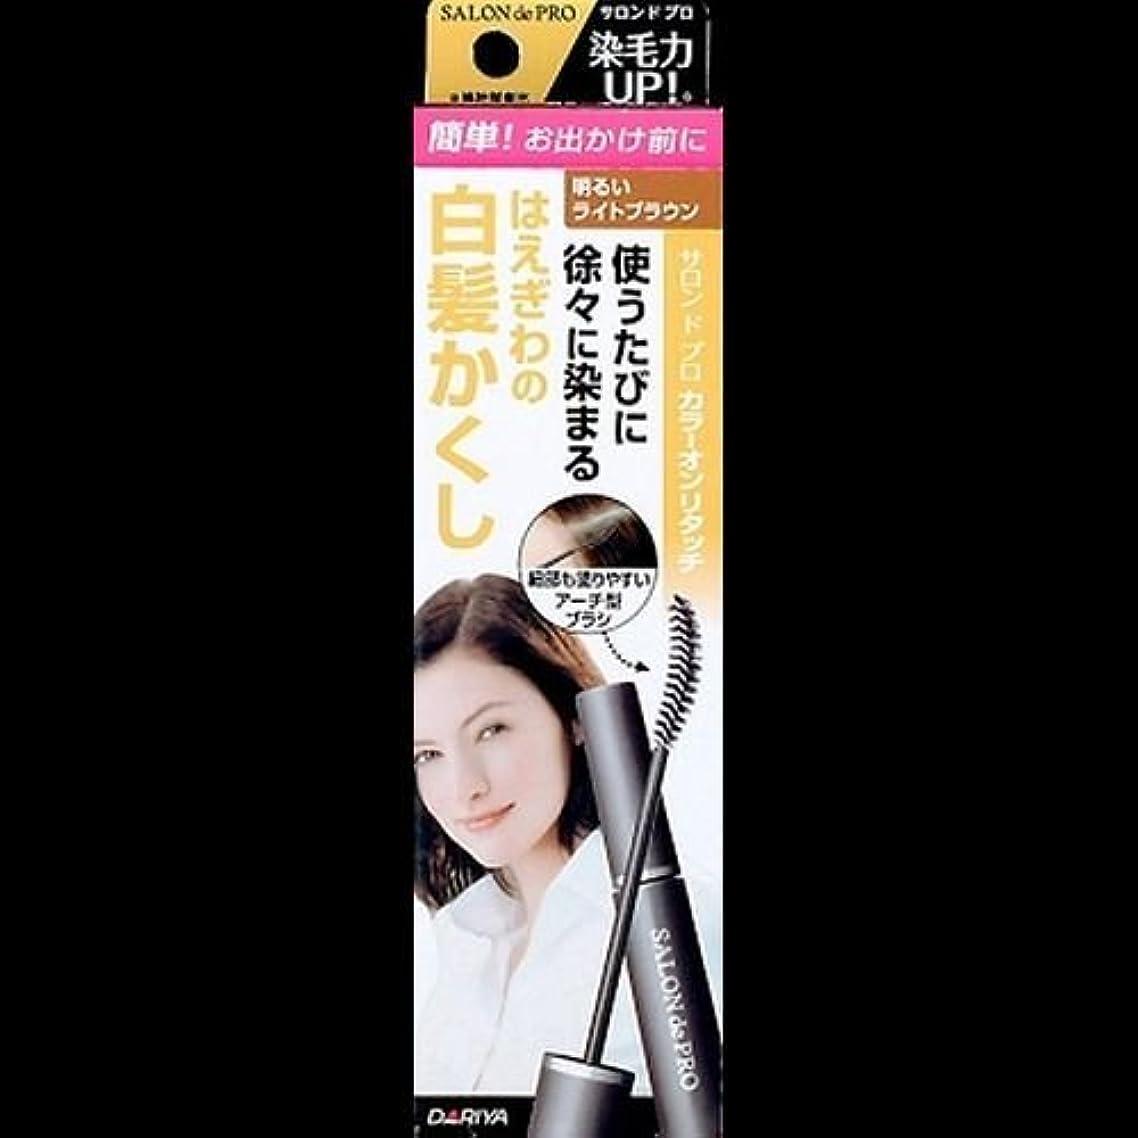 分散タフバーマド【まとめ買い】サロンドプロ カラーオンリタッチ 白髪かくしEX 明るいライトブラウン 15ml ×2セット